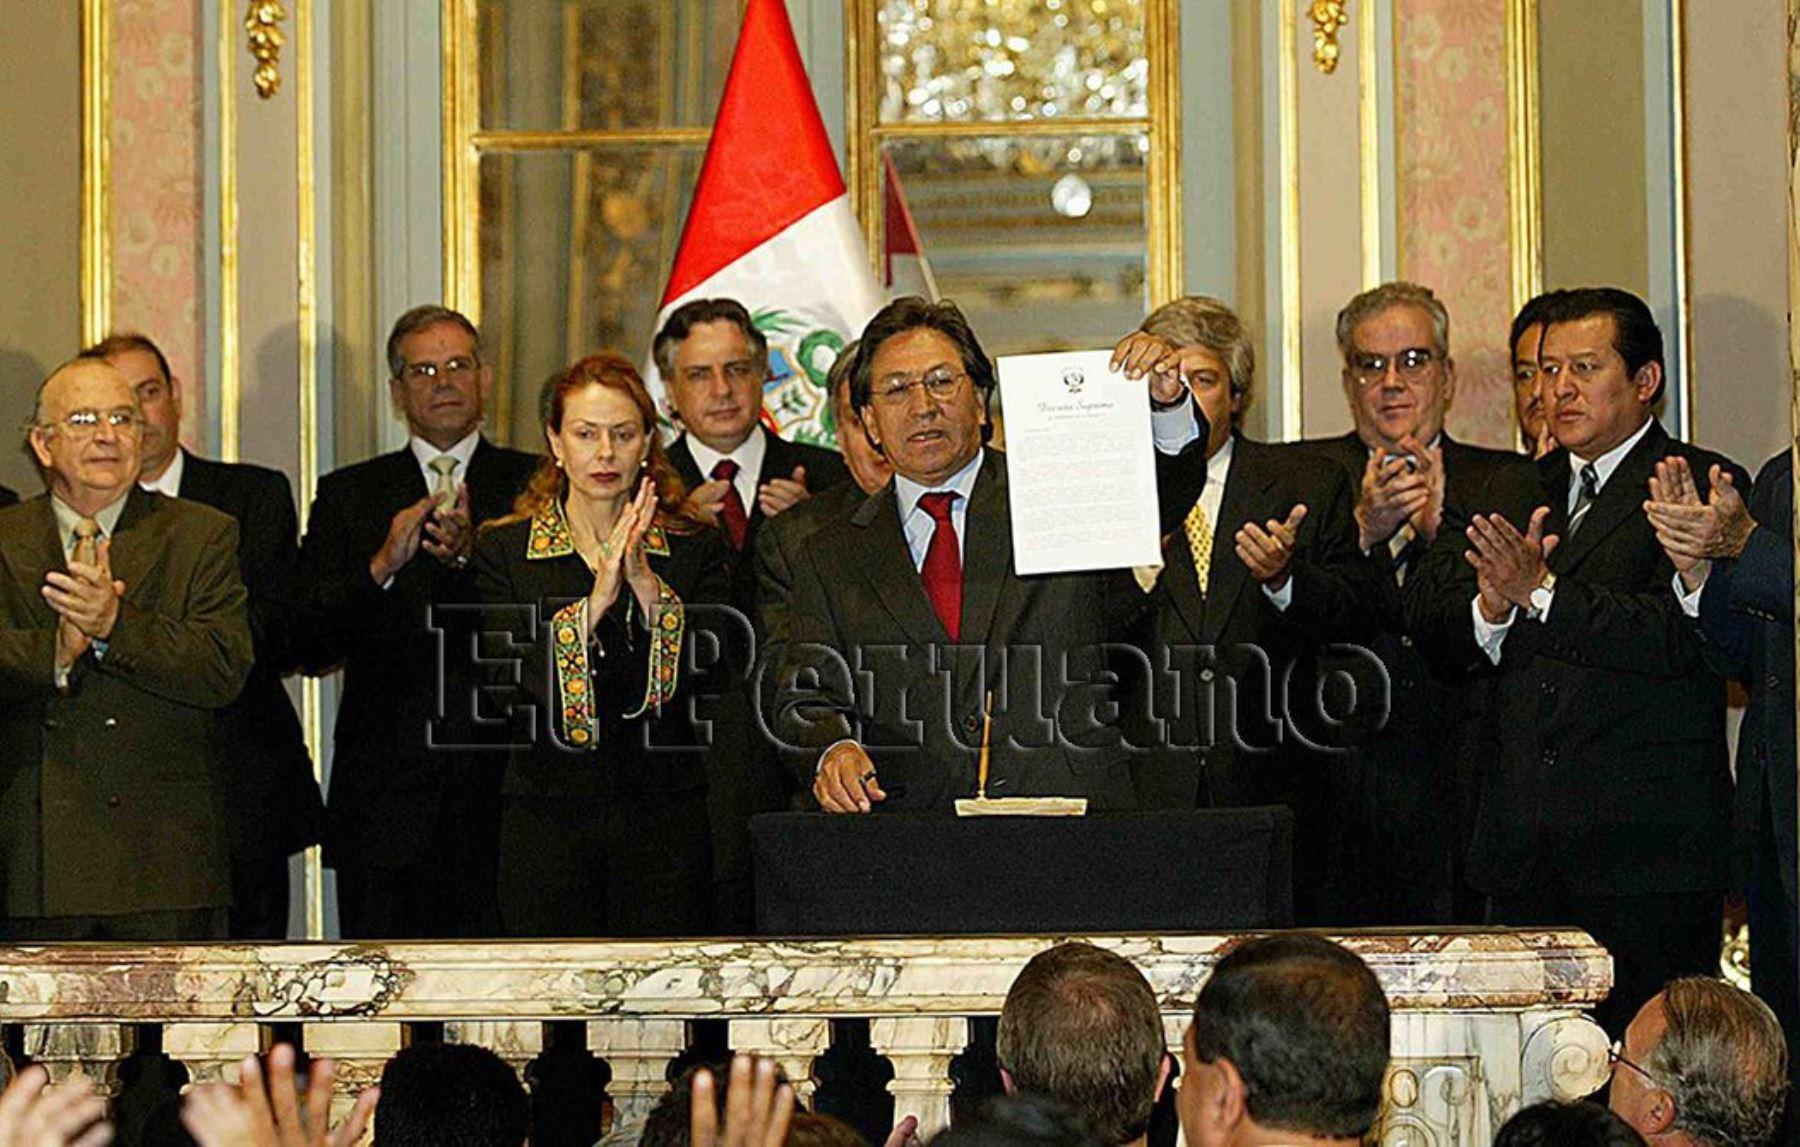 Su gobierno (2001-2006) se caracterizó por un buen desempeño en materia económica, pero también por una fuerte fragilidad en el ámbito político. Foto: ANDINA